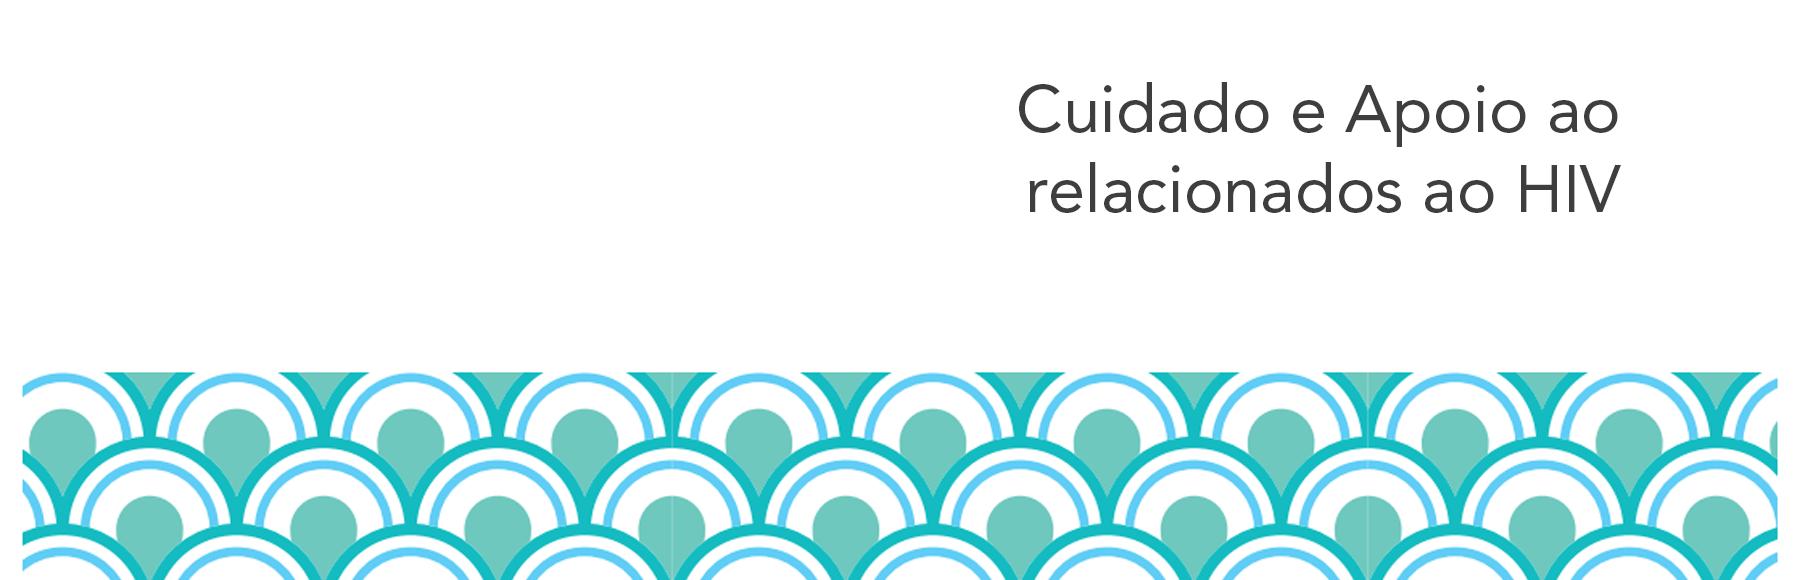 2016_HIVCUIDADO